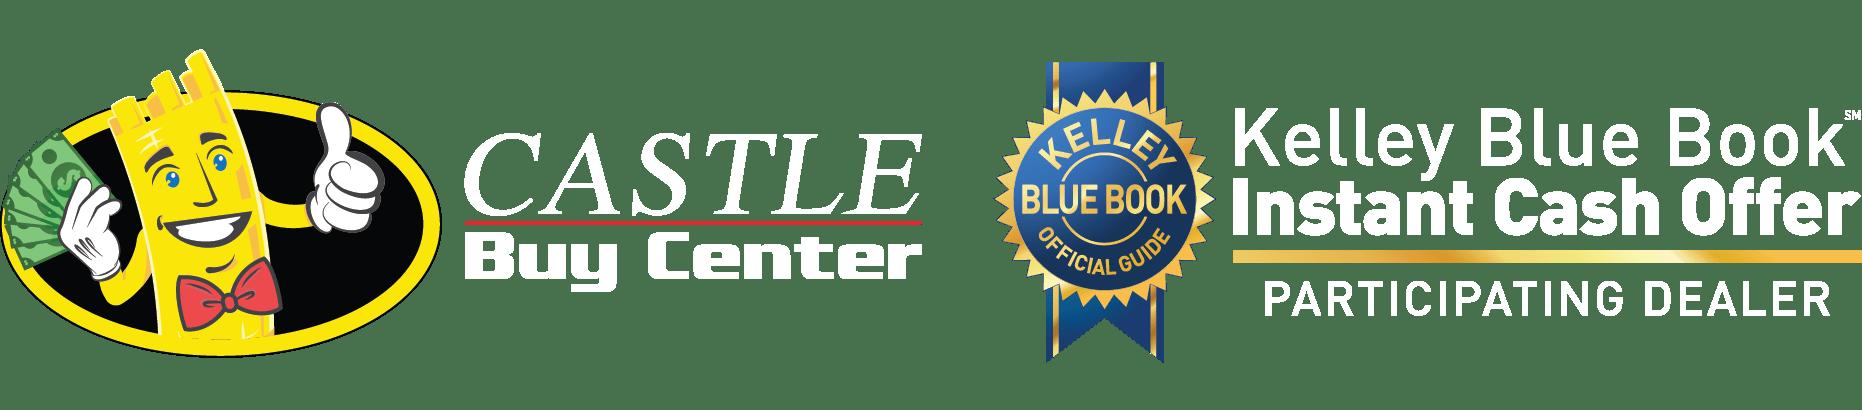 Castle Buy Center and KBB logo